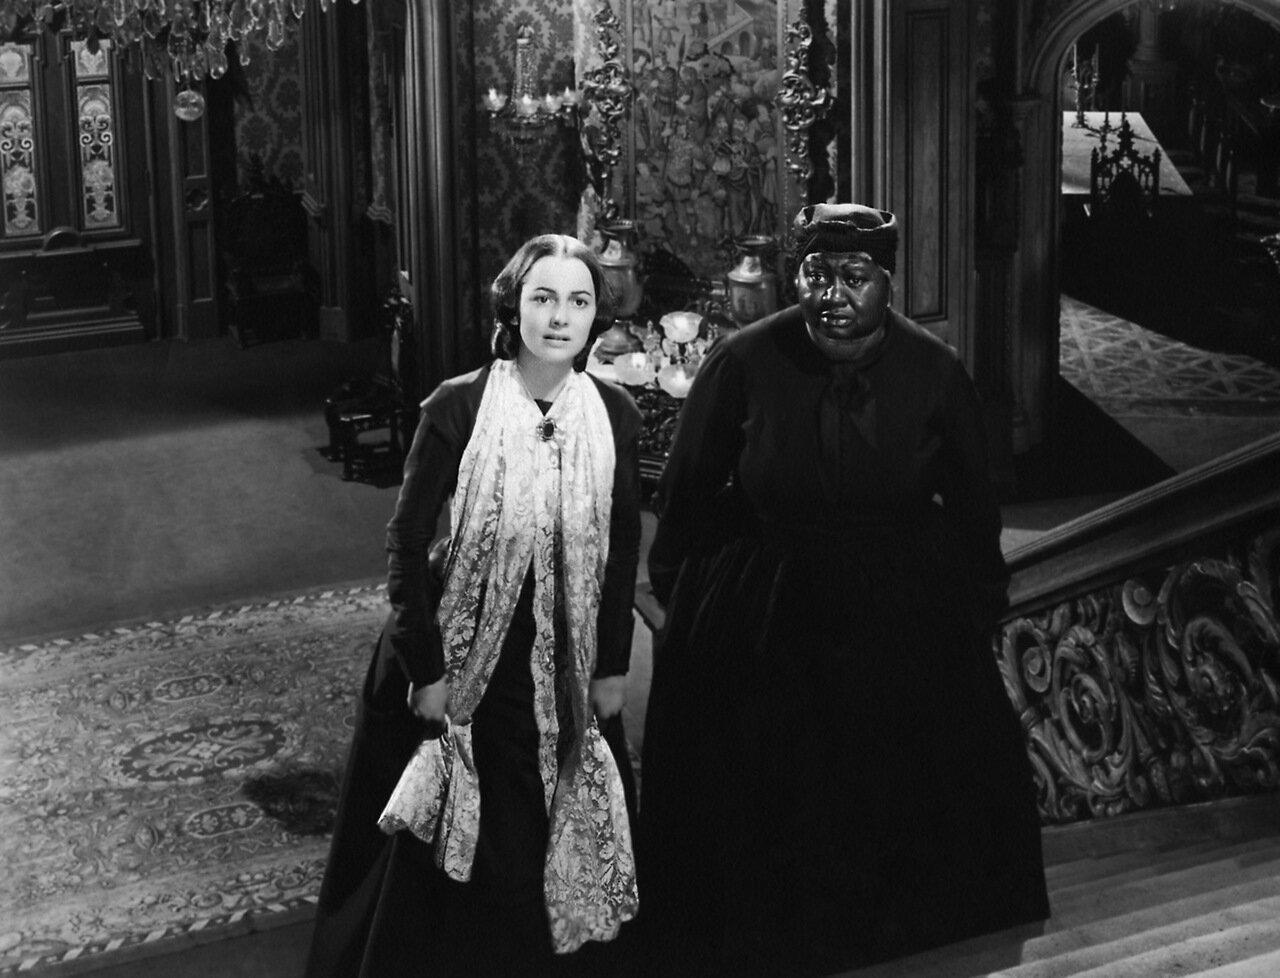 olivia de havilland & hattie mcdaniel - gone with the wind 1939